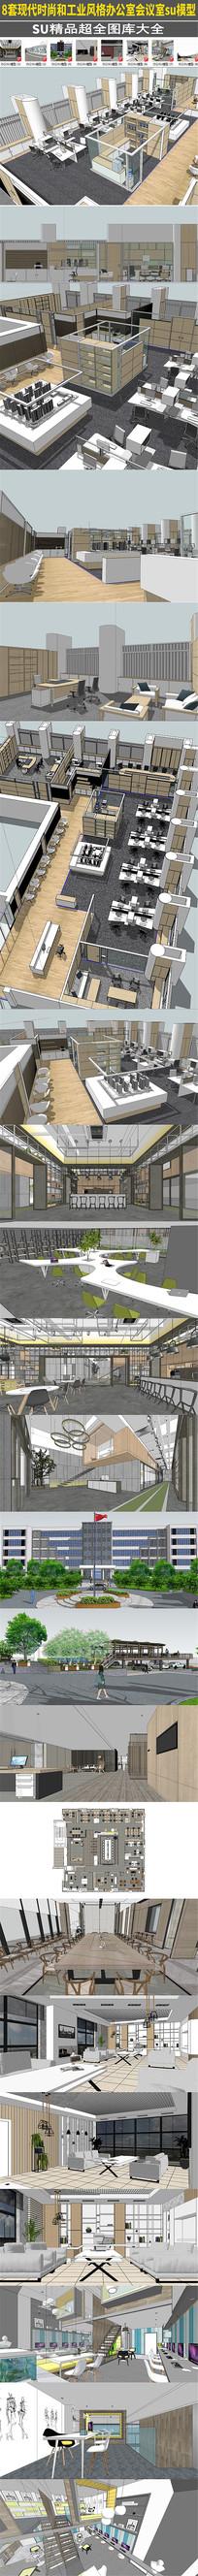 8套现代时尚和工业风格办公室会议室模型